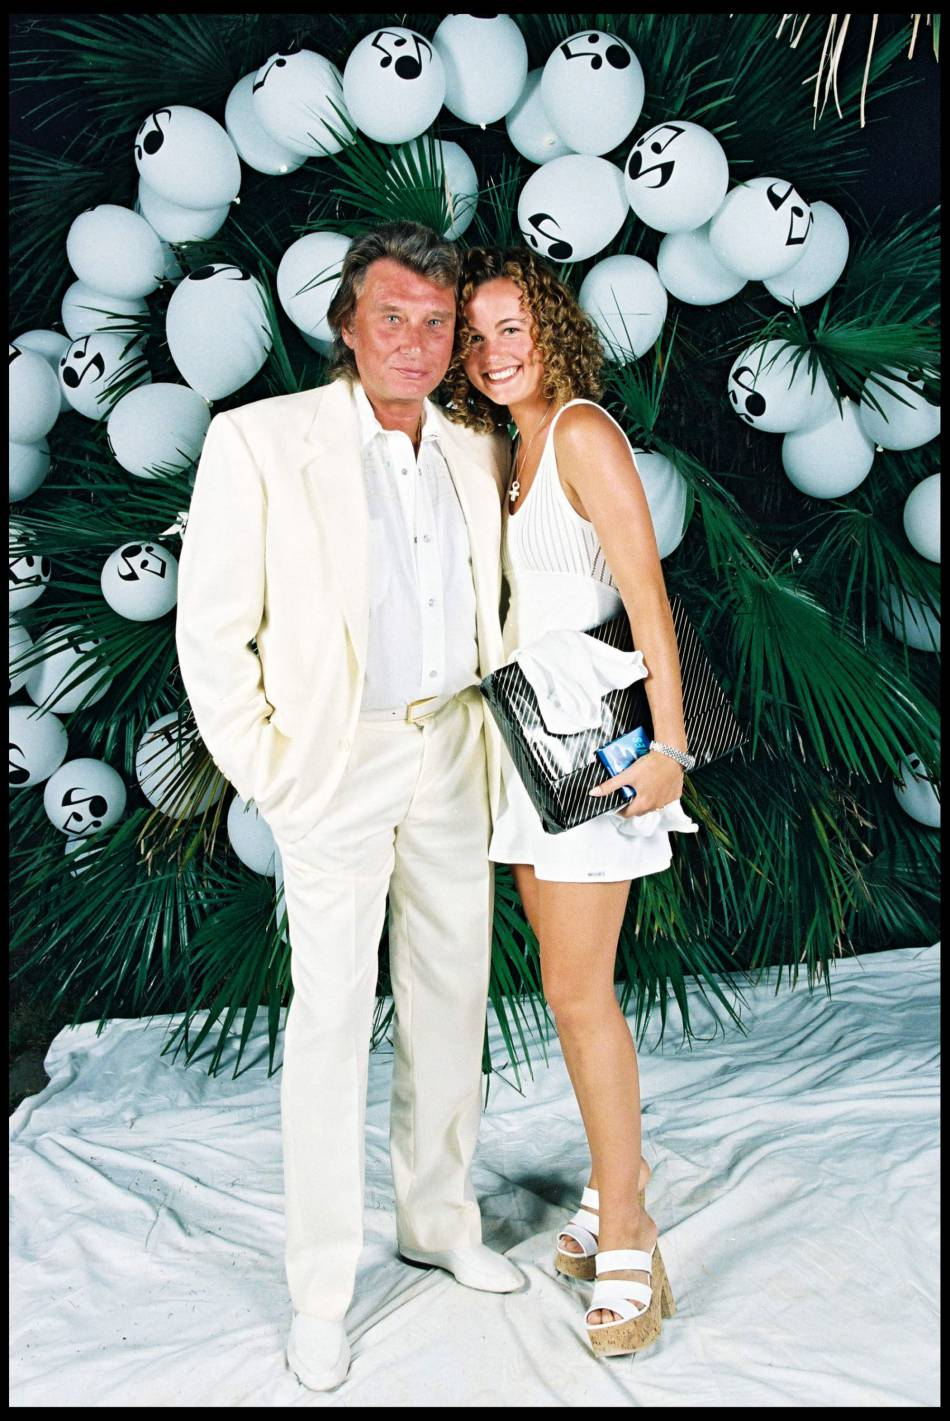 Johnny et Laeticia lors de leur toute première soirée blanche chez Eddy Barclay. C'était en juillet 1995.